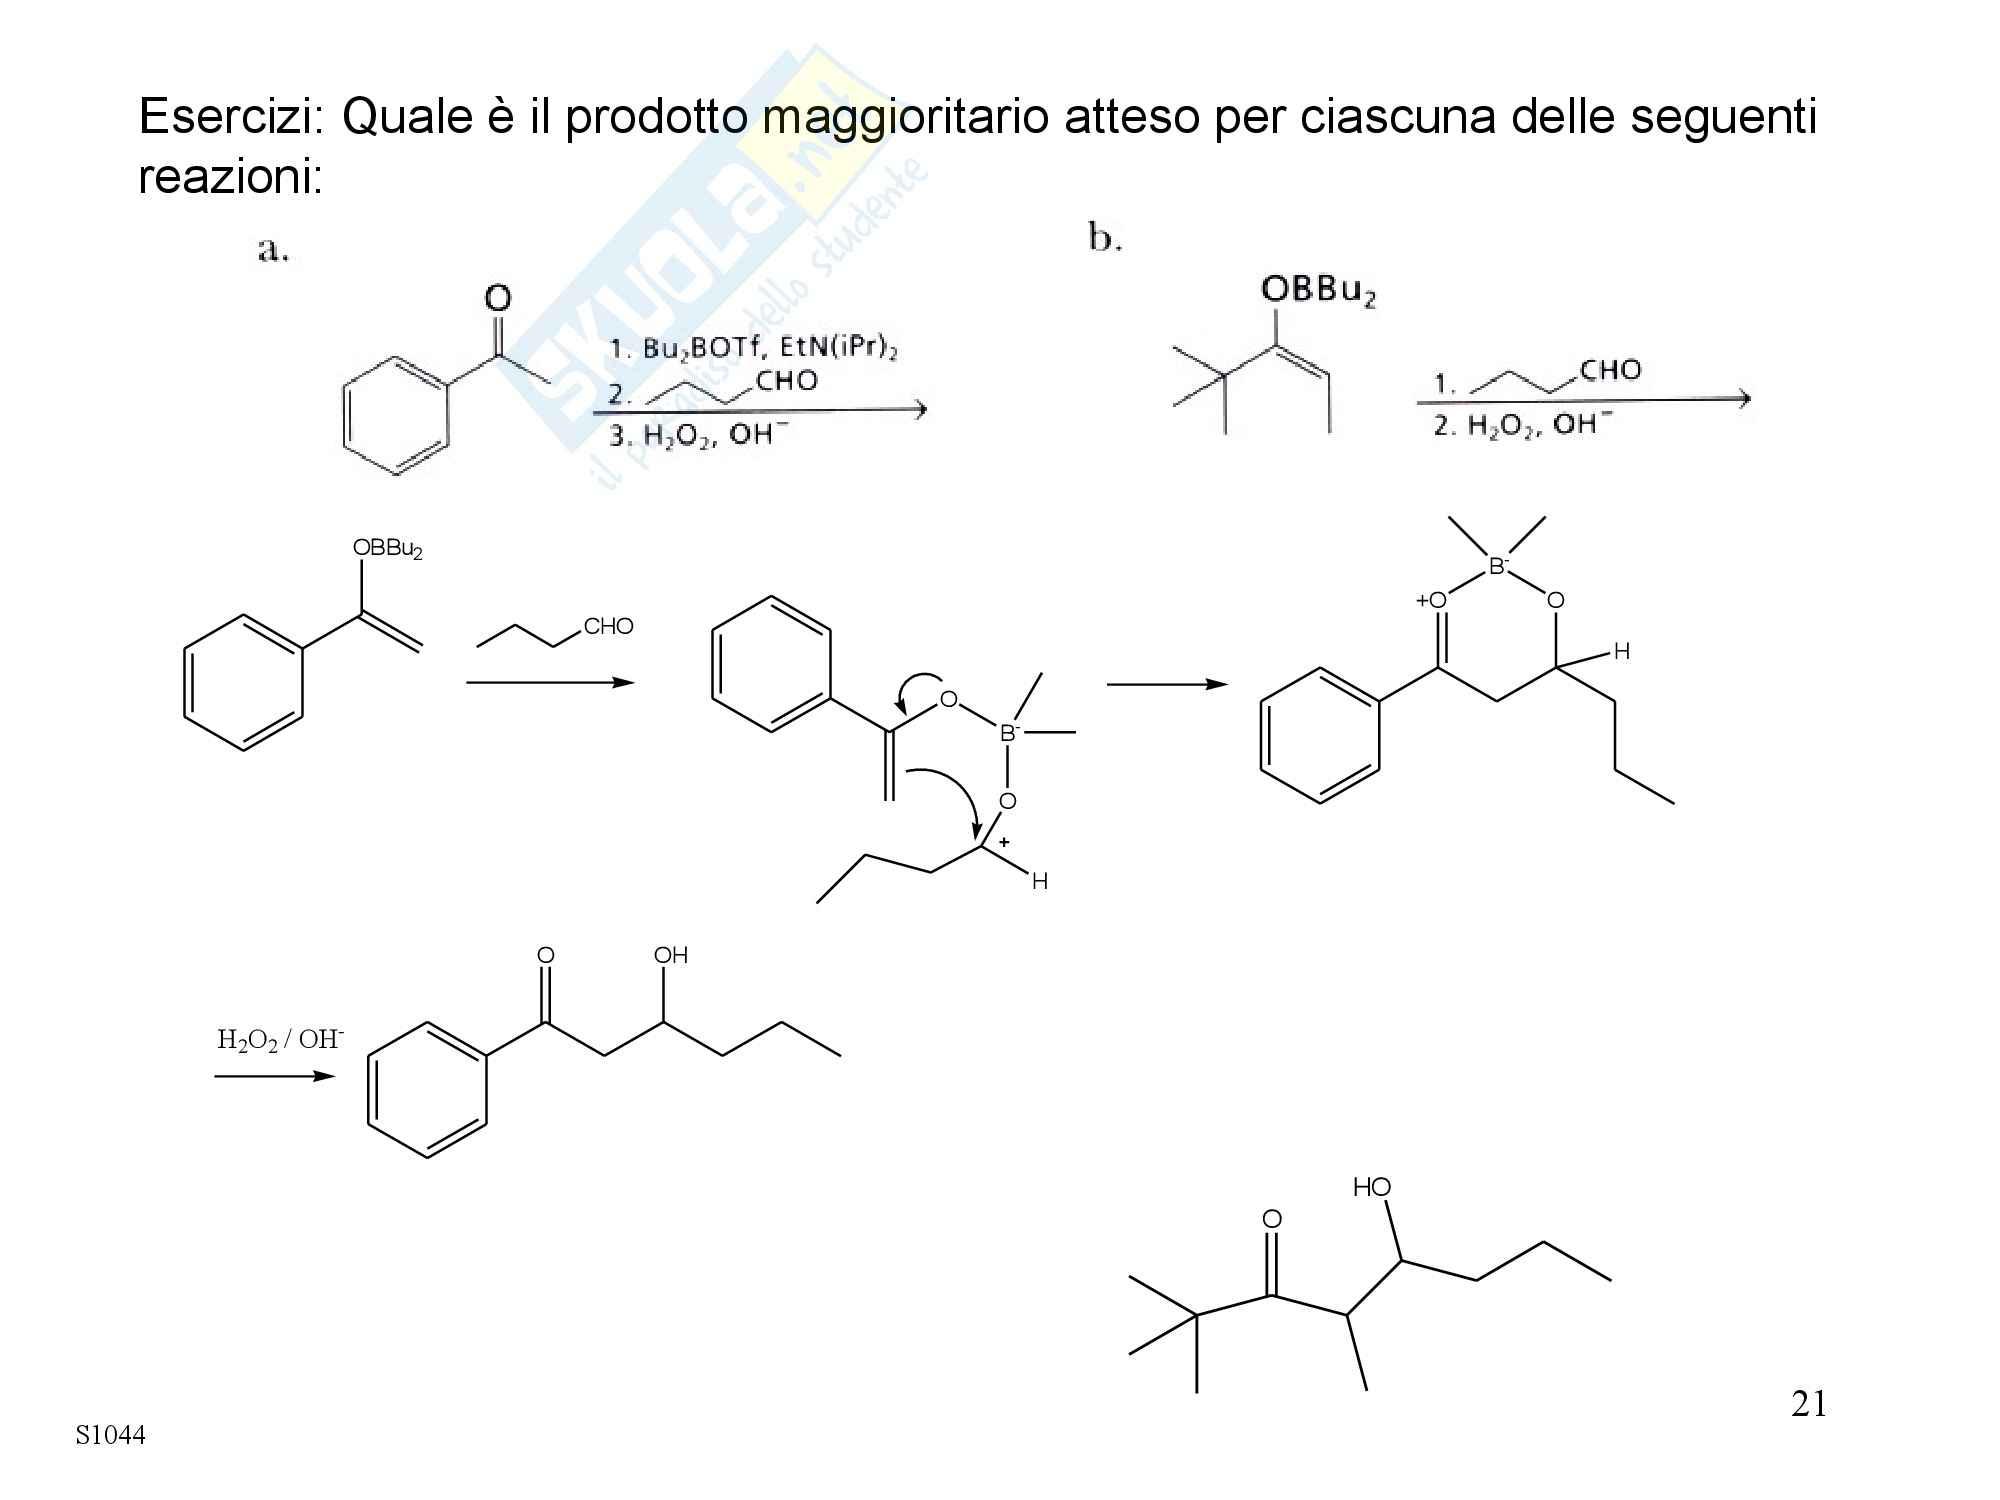 Chimica organica - la condensazione aldolica Pag. 21